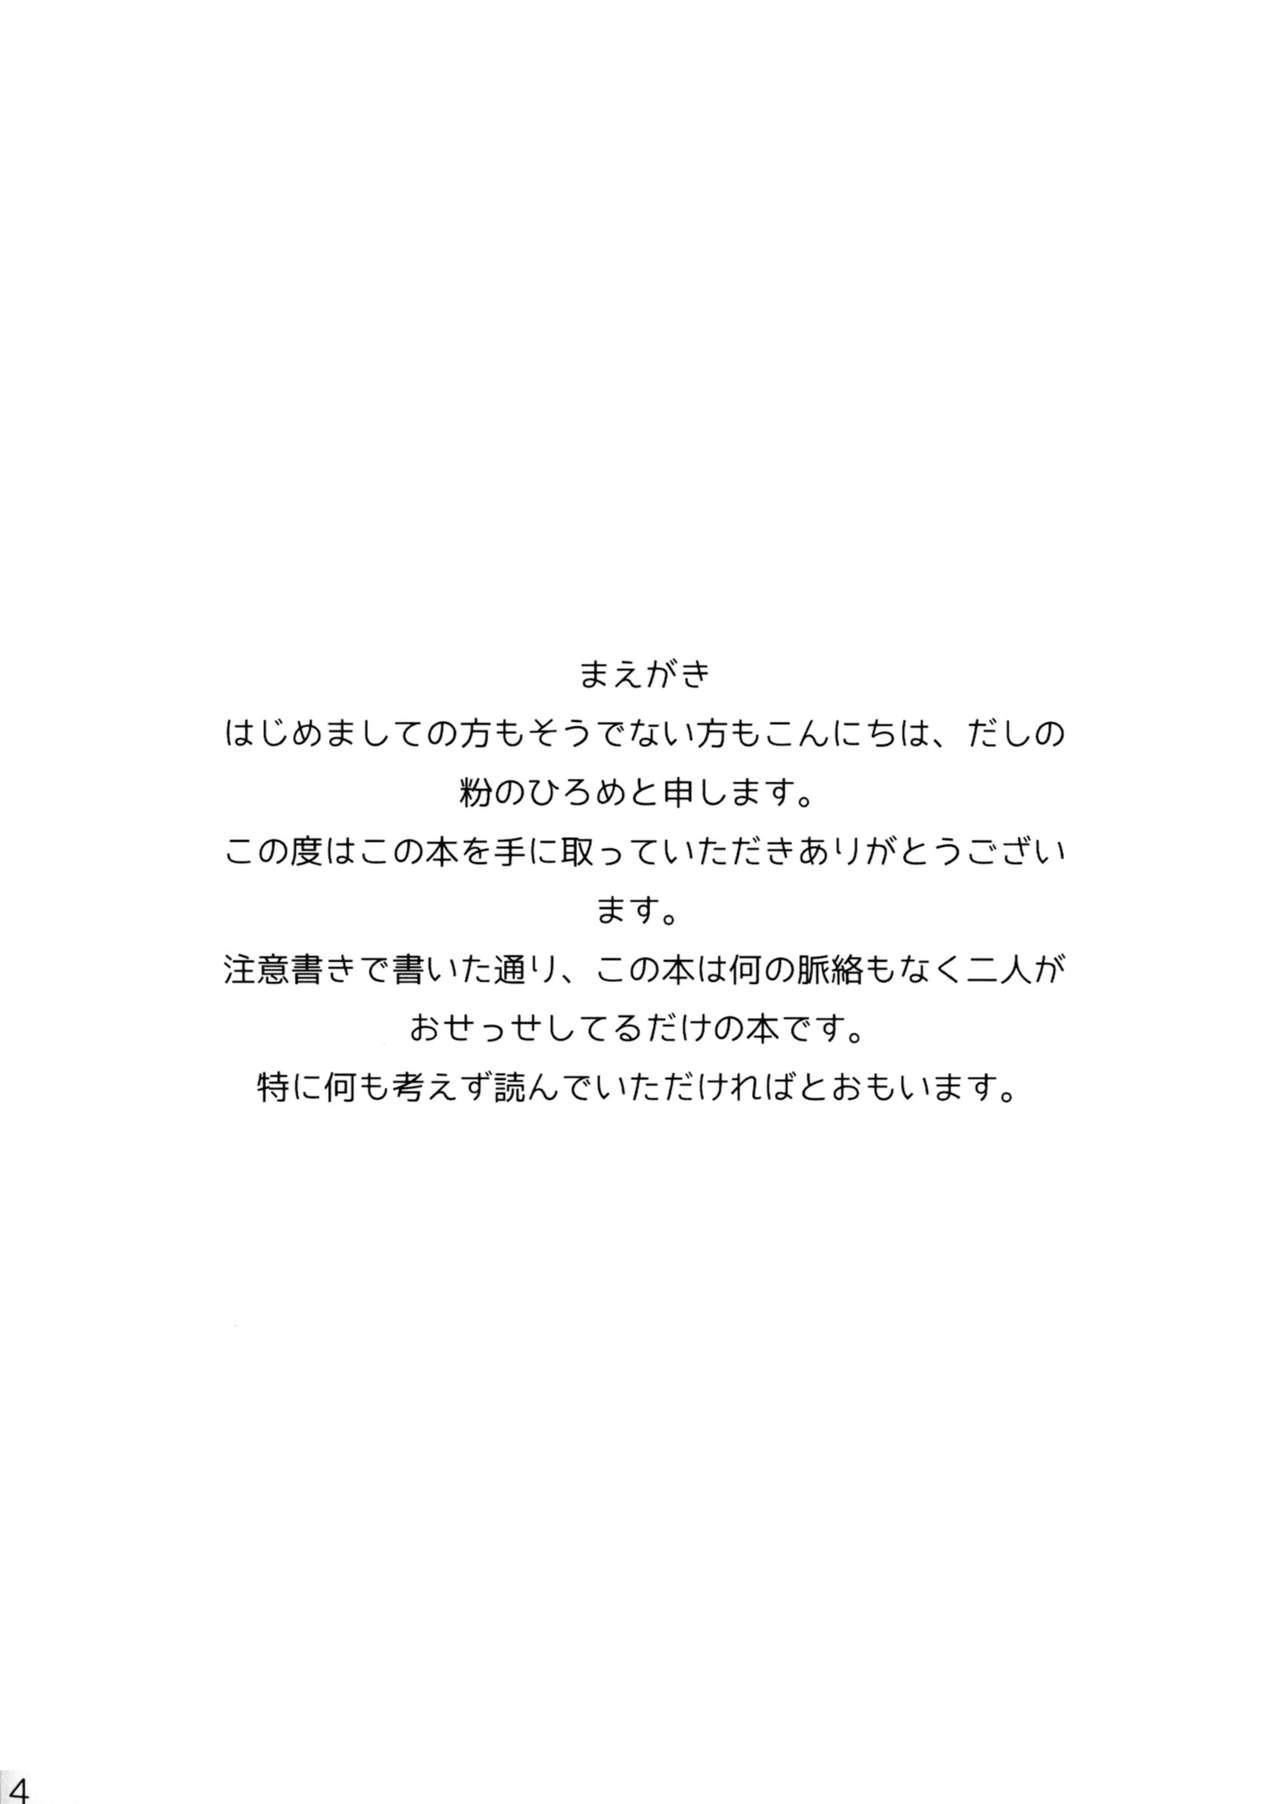 Shirouto Kanshikan Nijuuyoji 1 | The new inspector 1 3